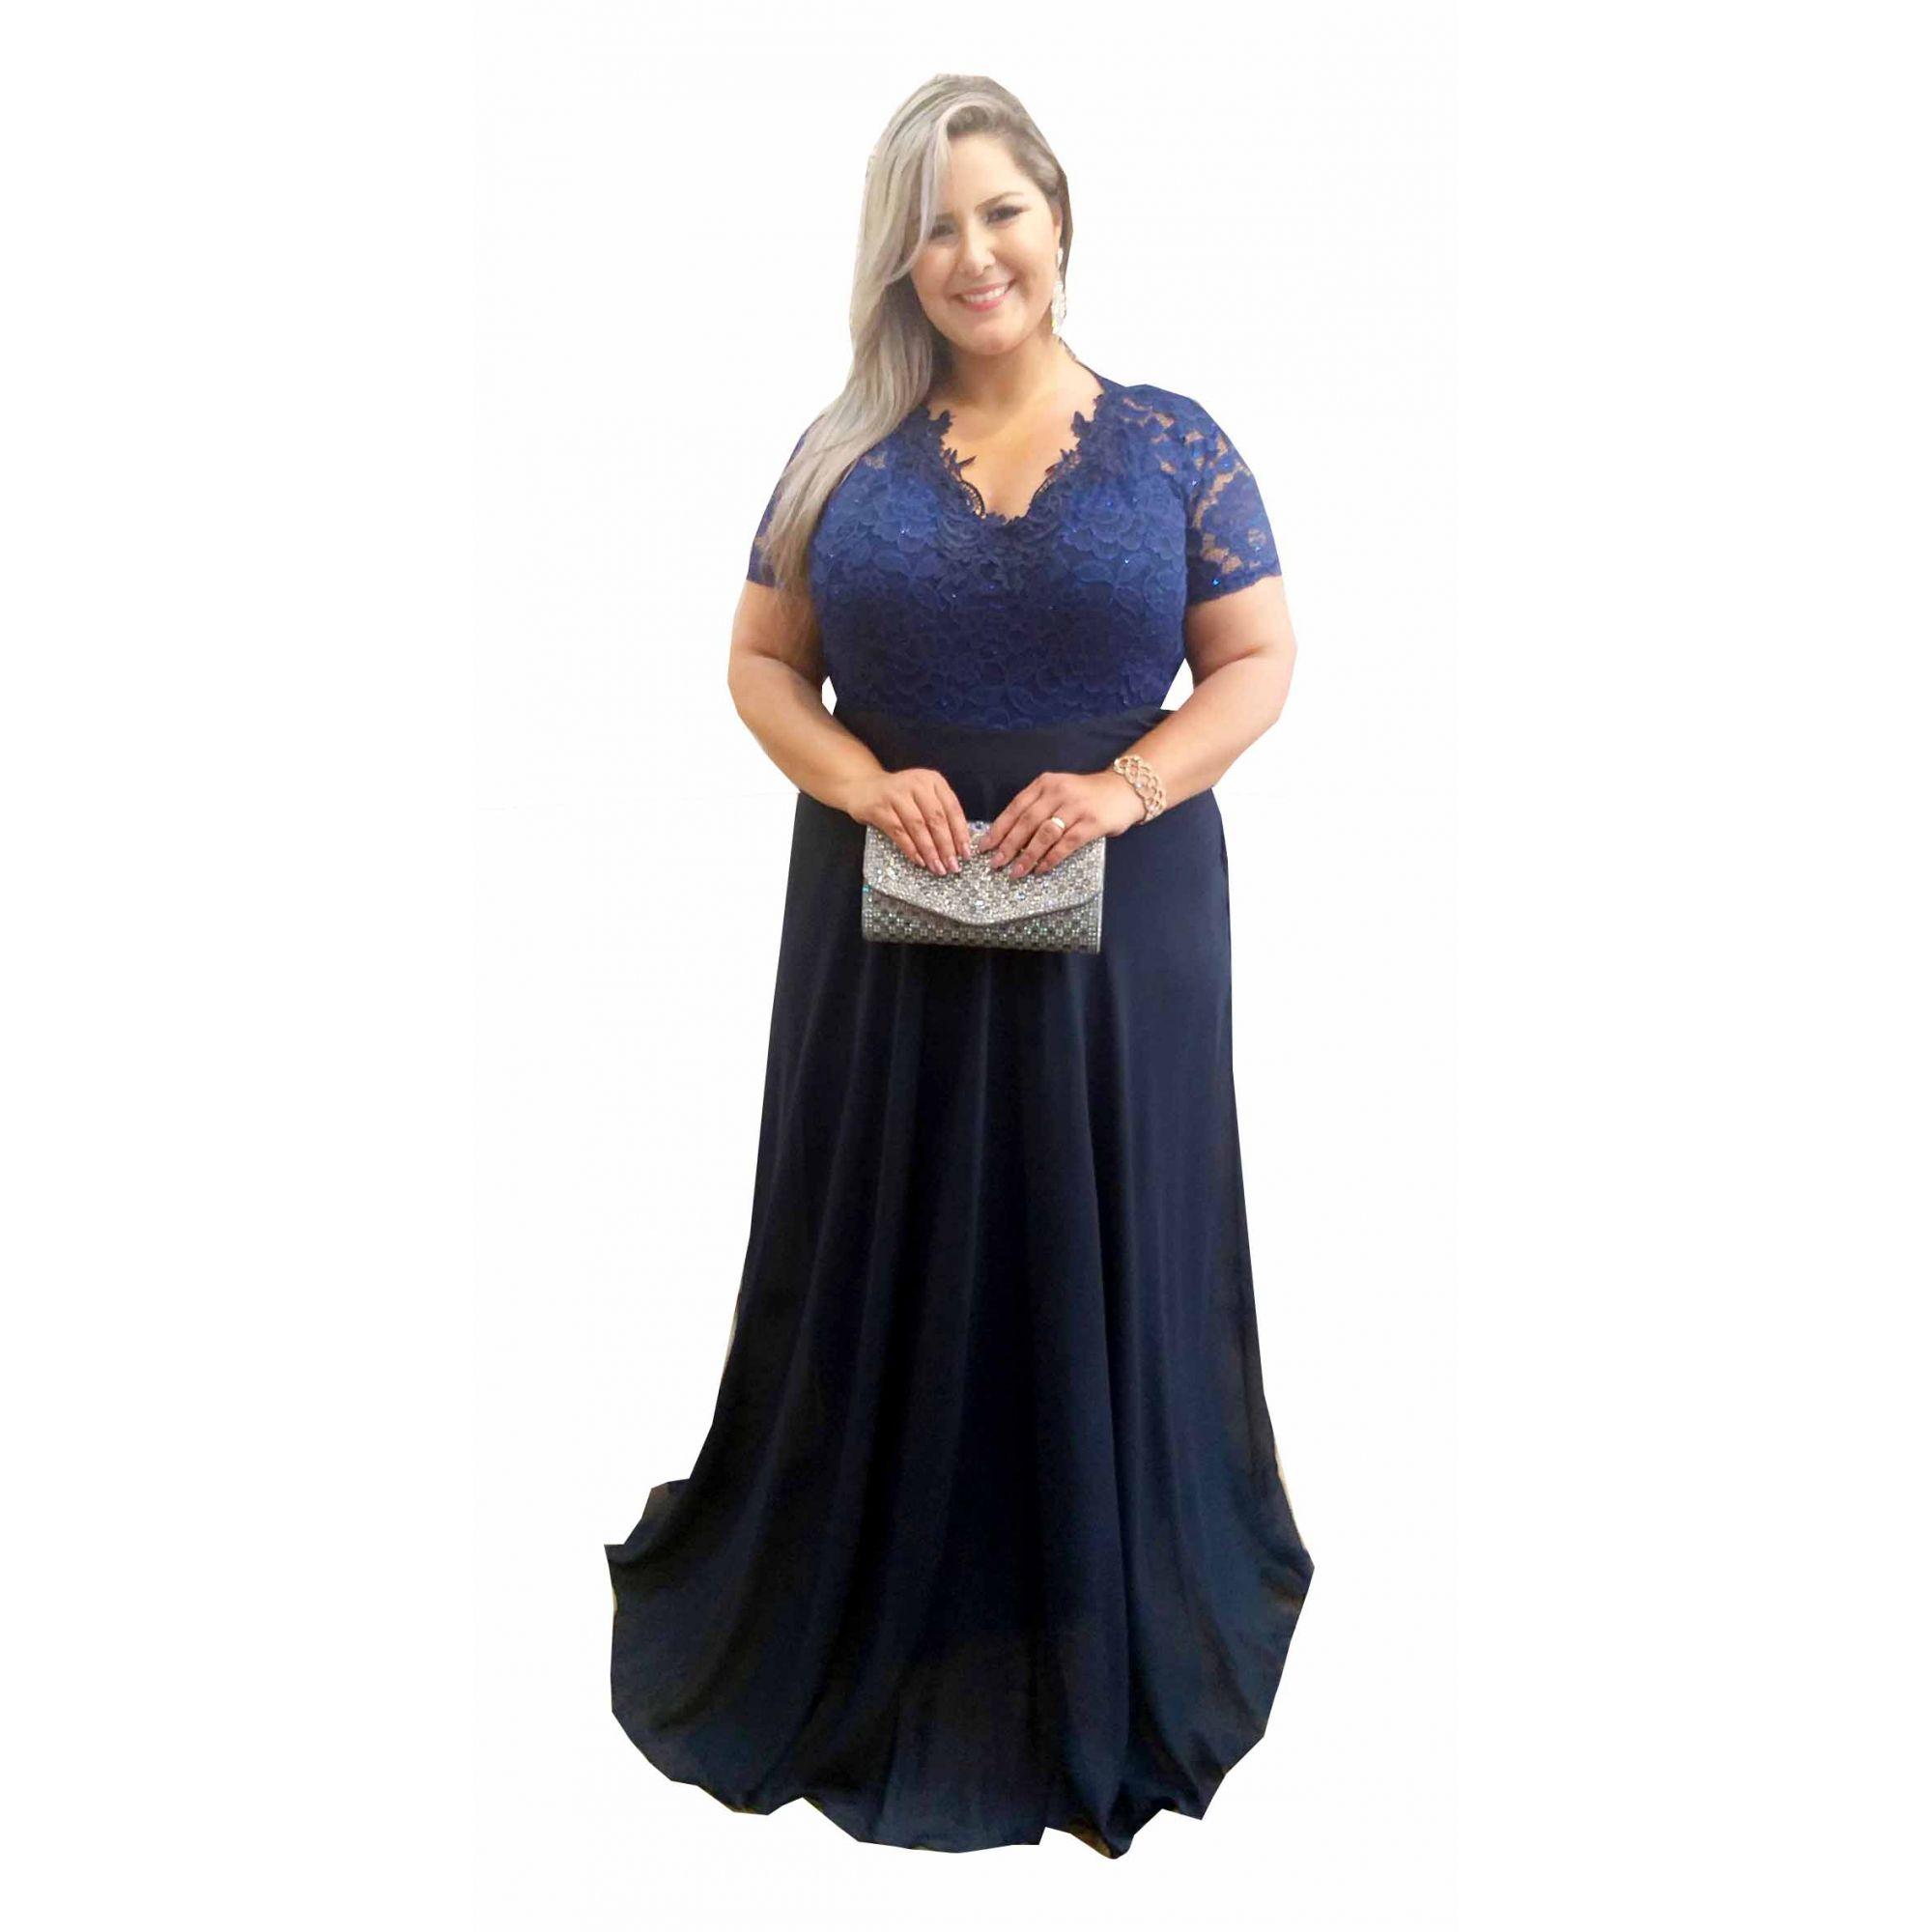 Vestido Festa Azul Marinho Plus Size Madrinha Casamento